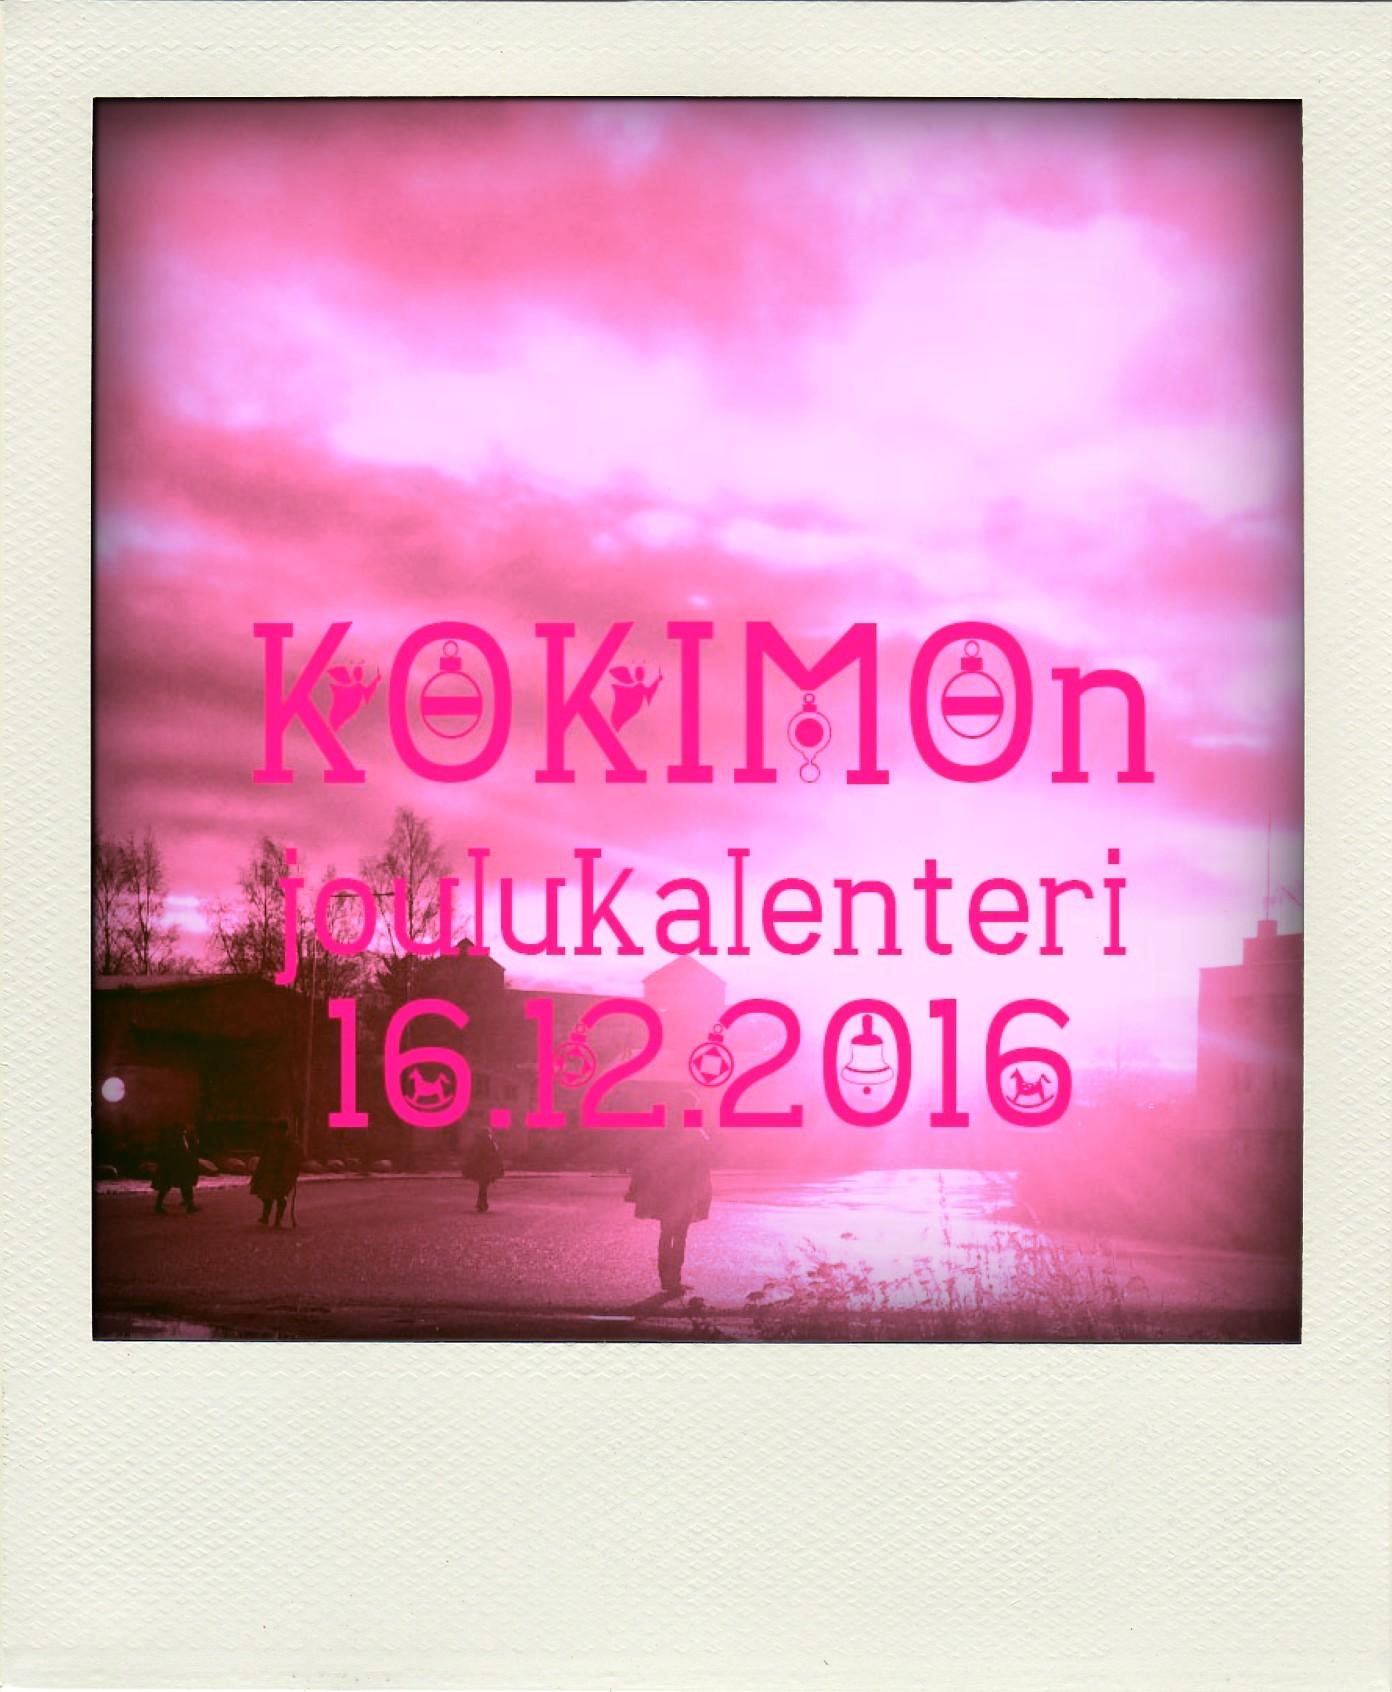 kokimon_joulukalenteri16